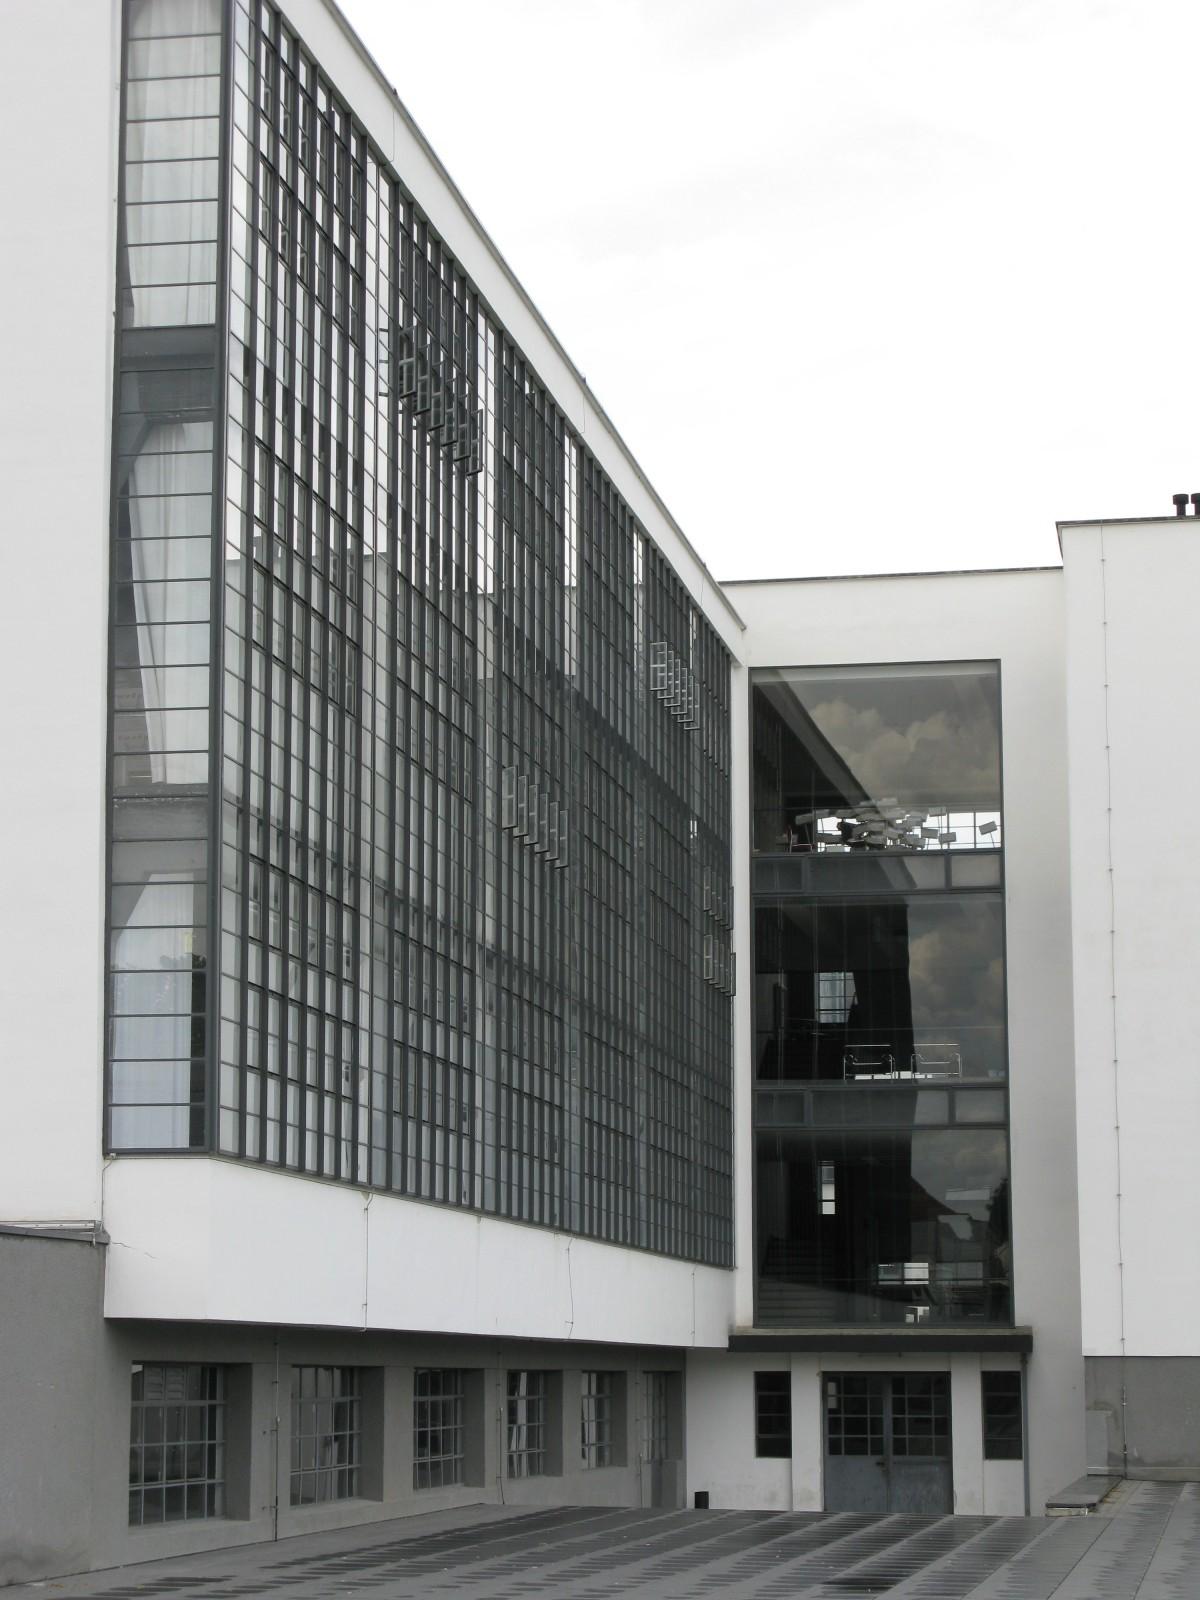 Banco de imagens arquitetura janela constru o for Arquitectura de interiores universidades